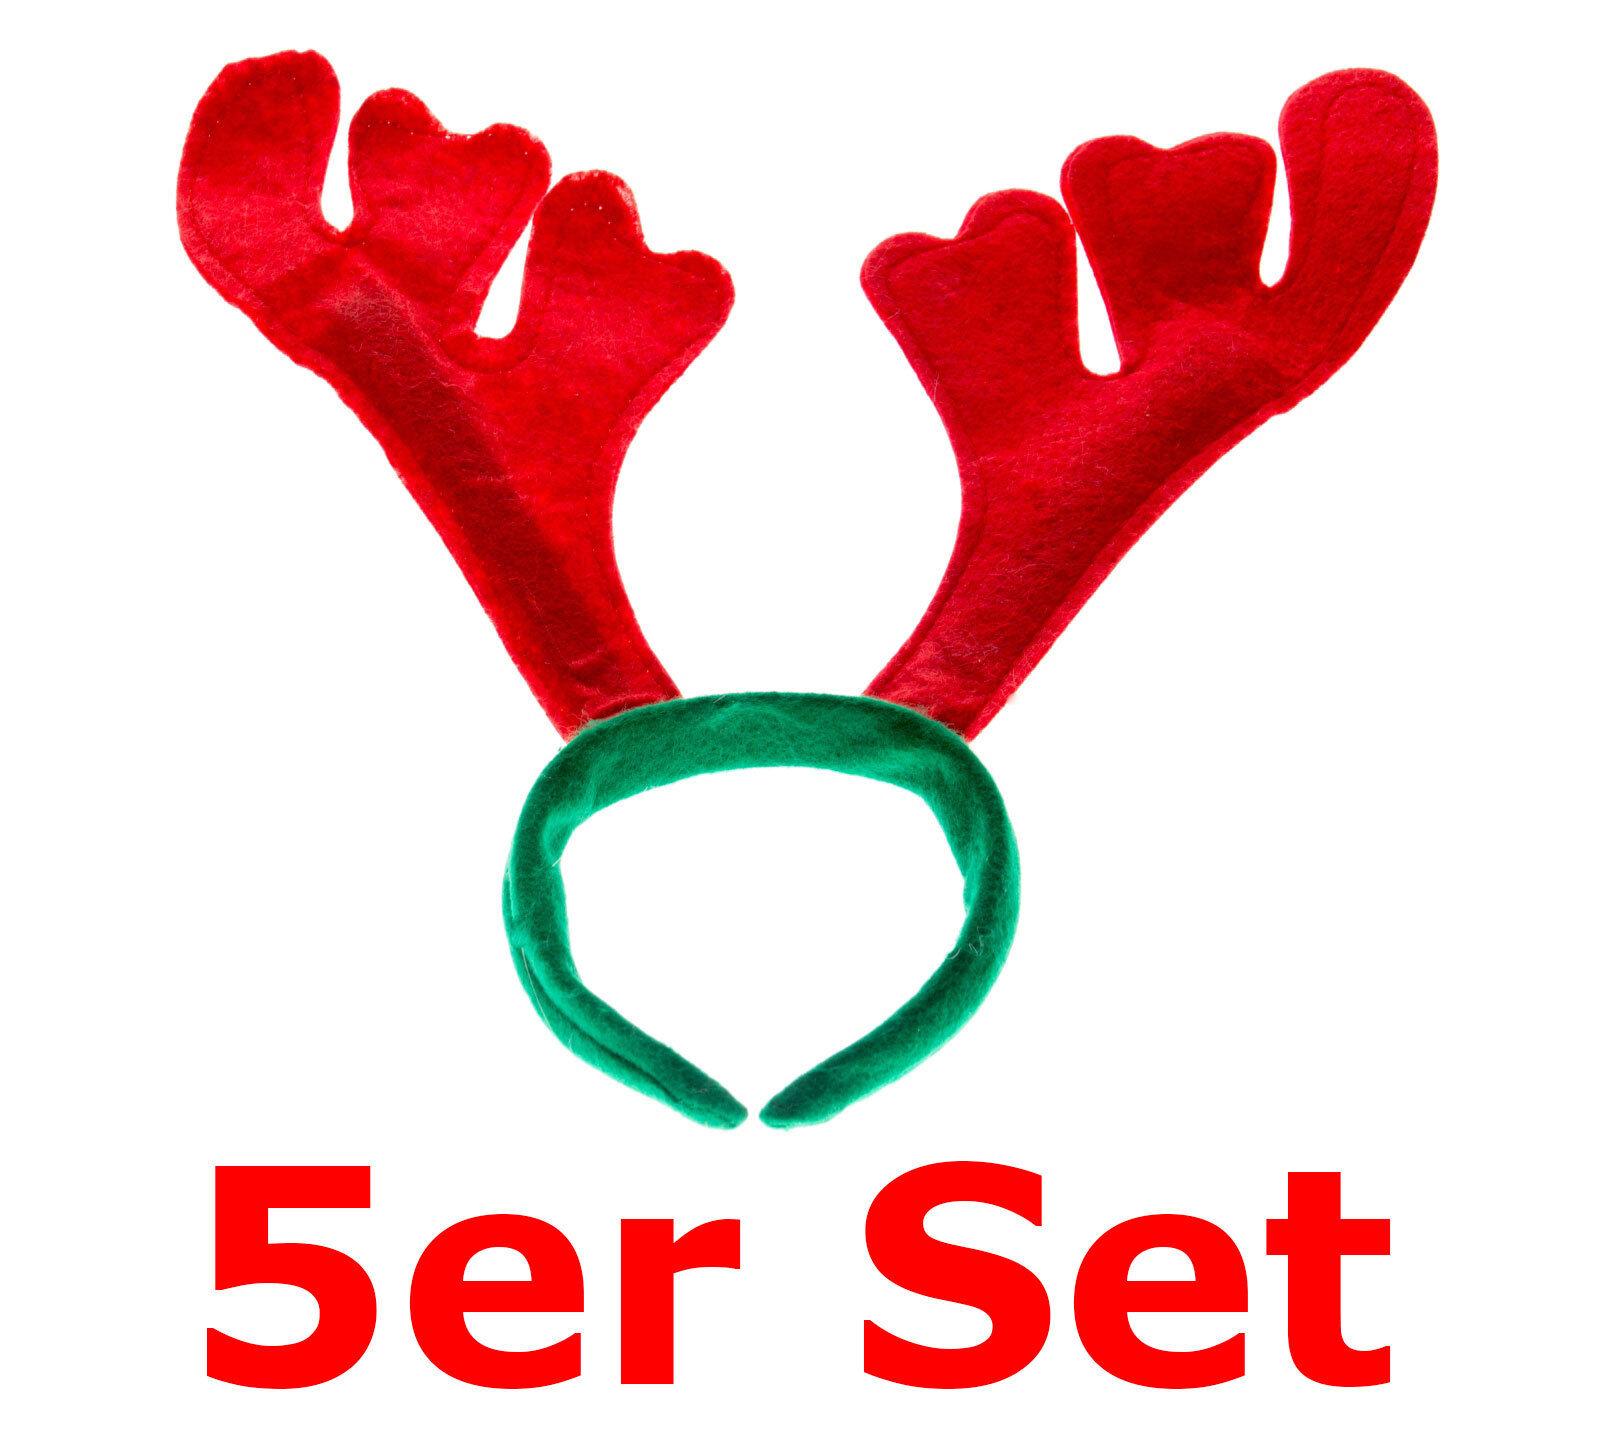 5er Set Kascha Weihnachtsmütze -Riesen Auswahl- Nikolausmütze Santa Santa Santa Claus Mütze  | Spaß  | Überlegene Qualität  | Professionelles Design  | Überlegene Qualität  | Gemäßigten Kosten  27c697